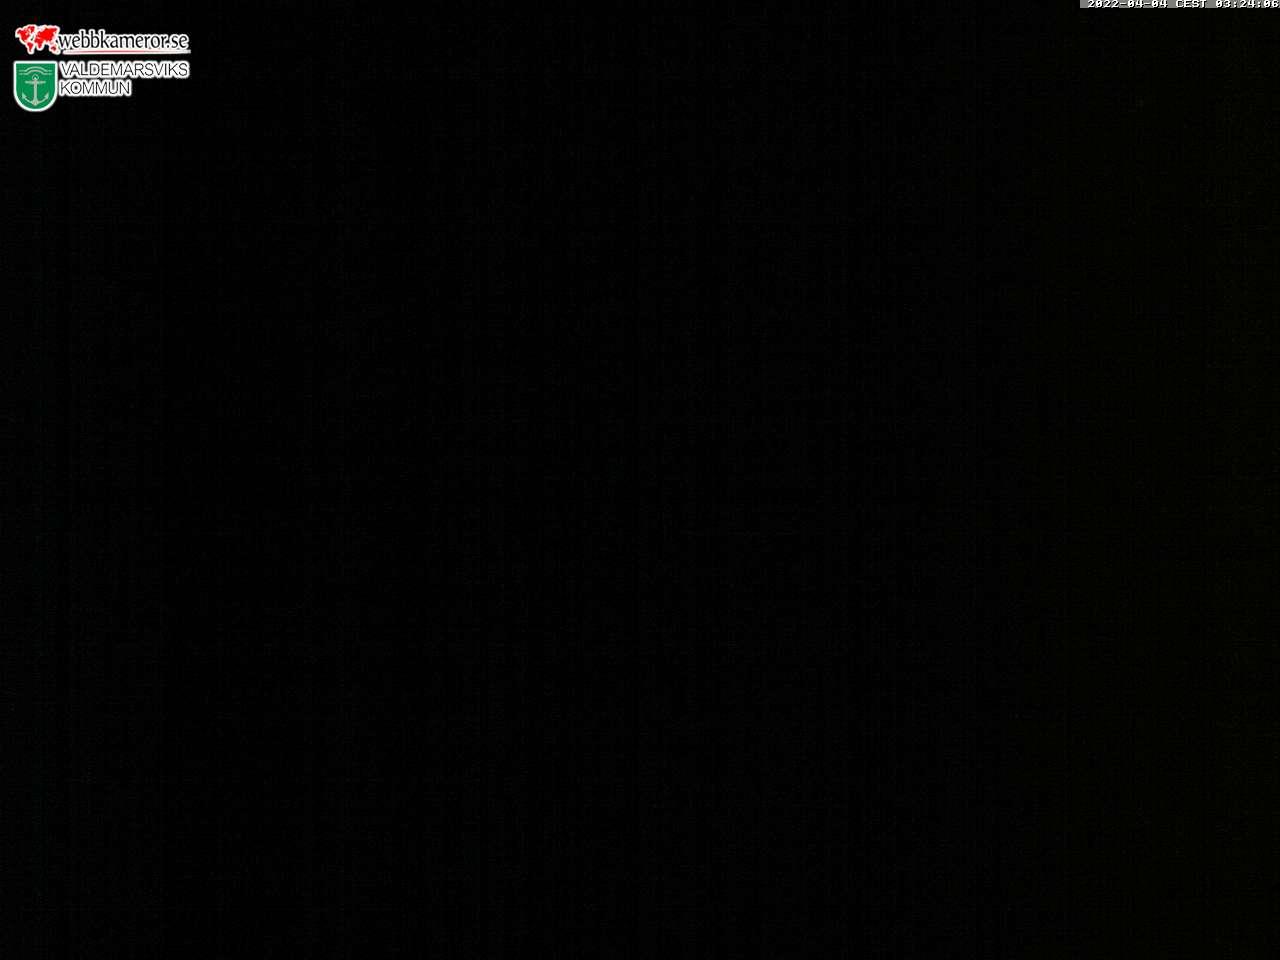 Webbkamera - Valdemarsvik, Ämtö